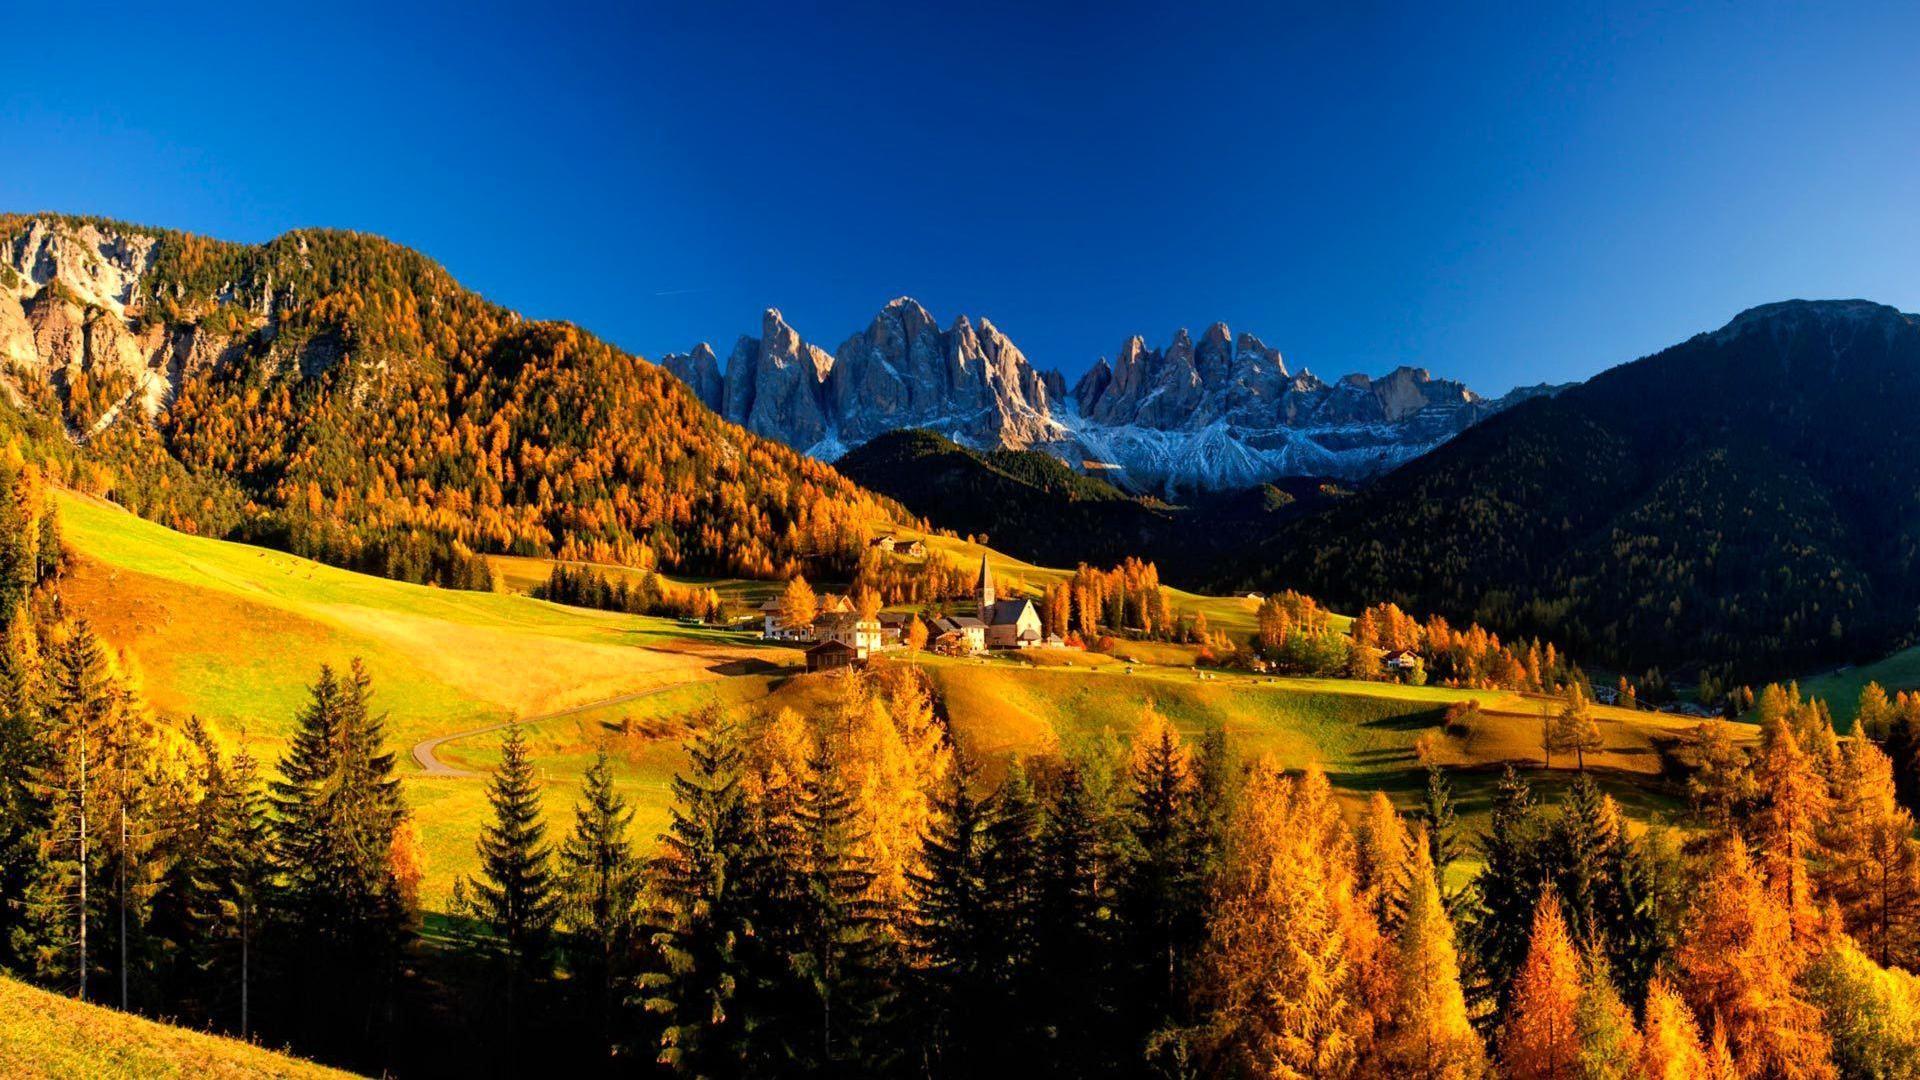 … mountain village in autumn wallpapers hd desktop wallpapers hd 4k …